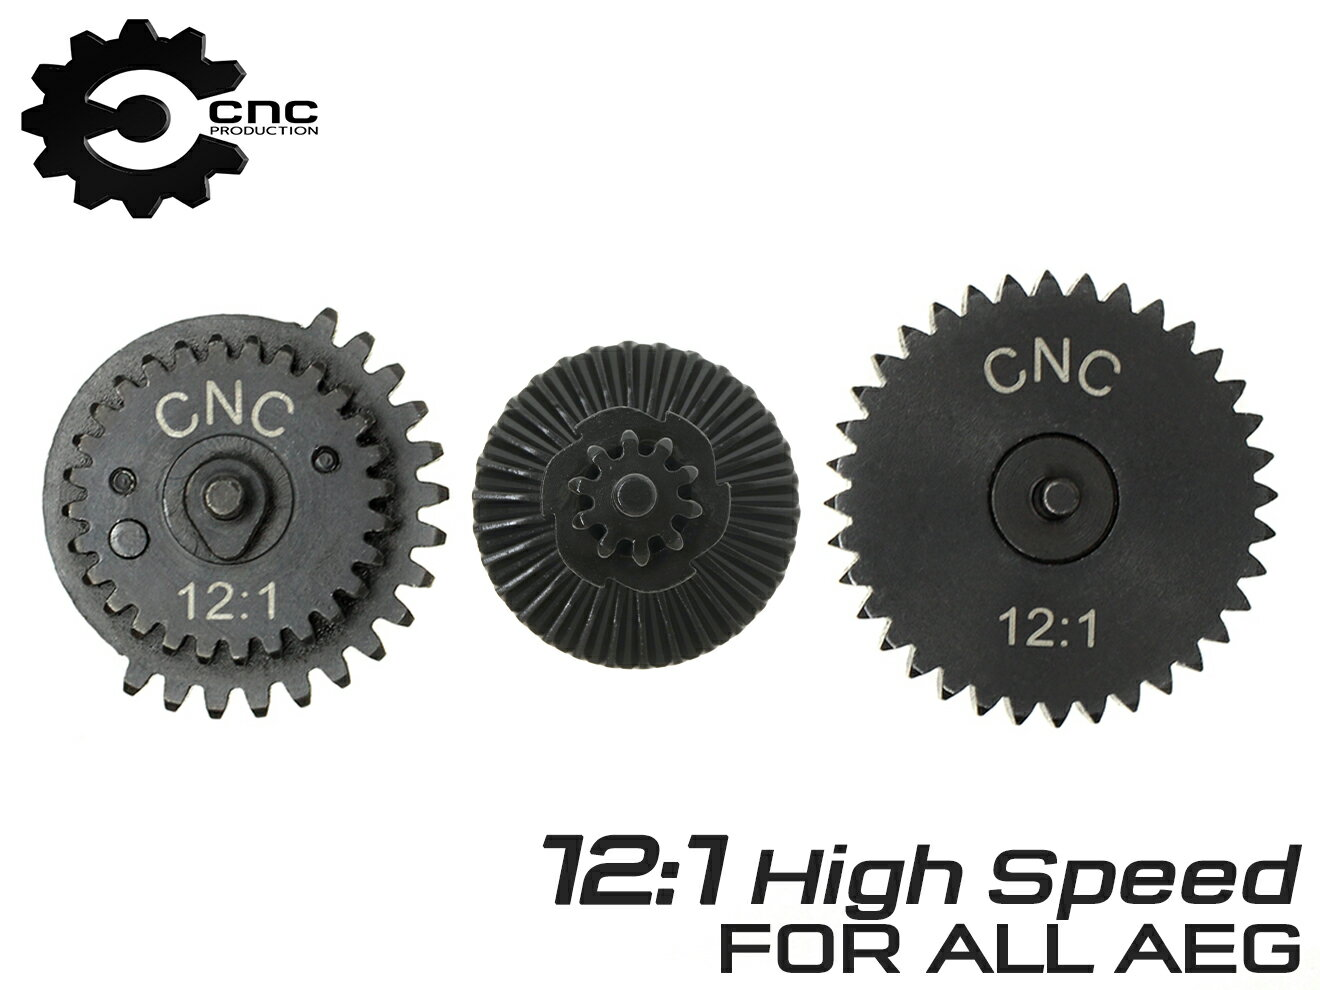 CNC Production 12:1 スチールCNCギアセット◆スタンダード電動ガン用 高強度 スチール削り出し AEG Ver2 3 4 6 7 超ハイスピードギヤ画像